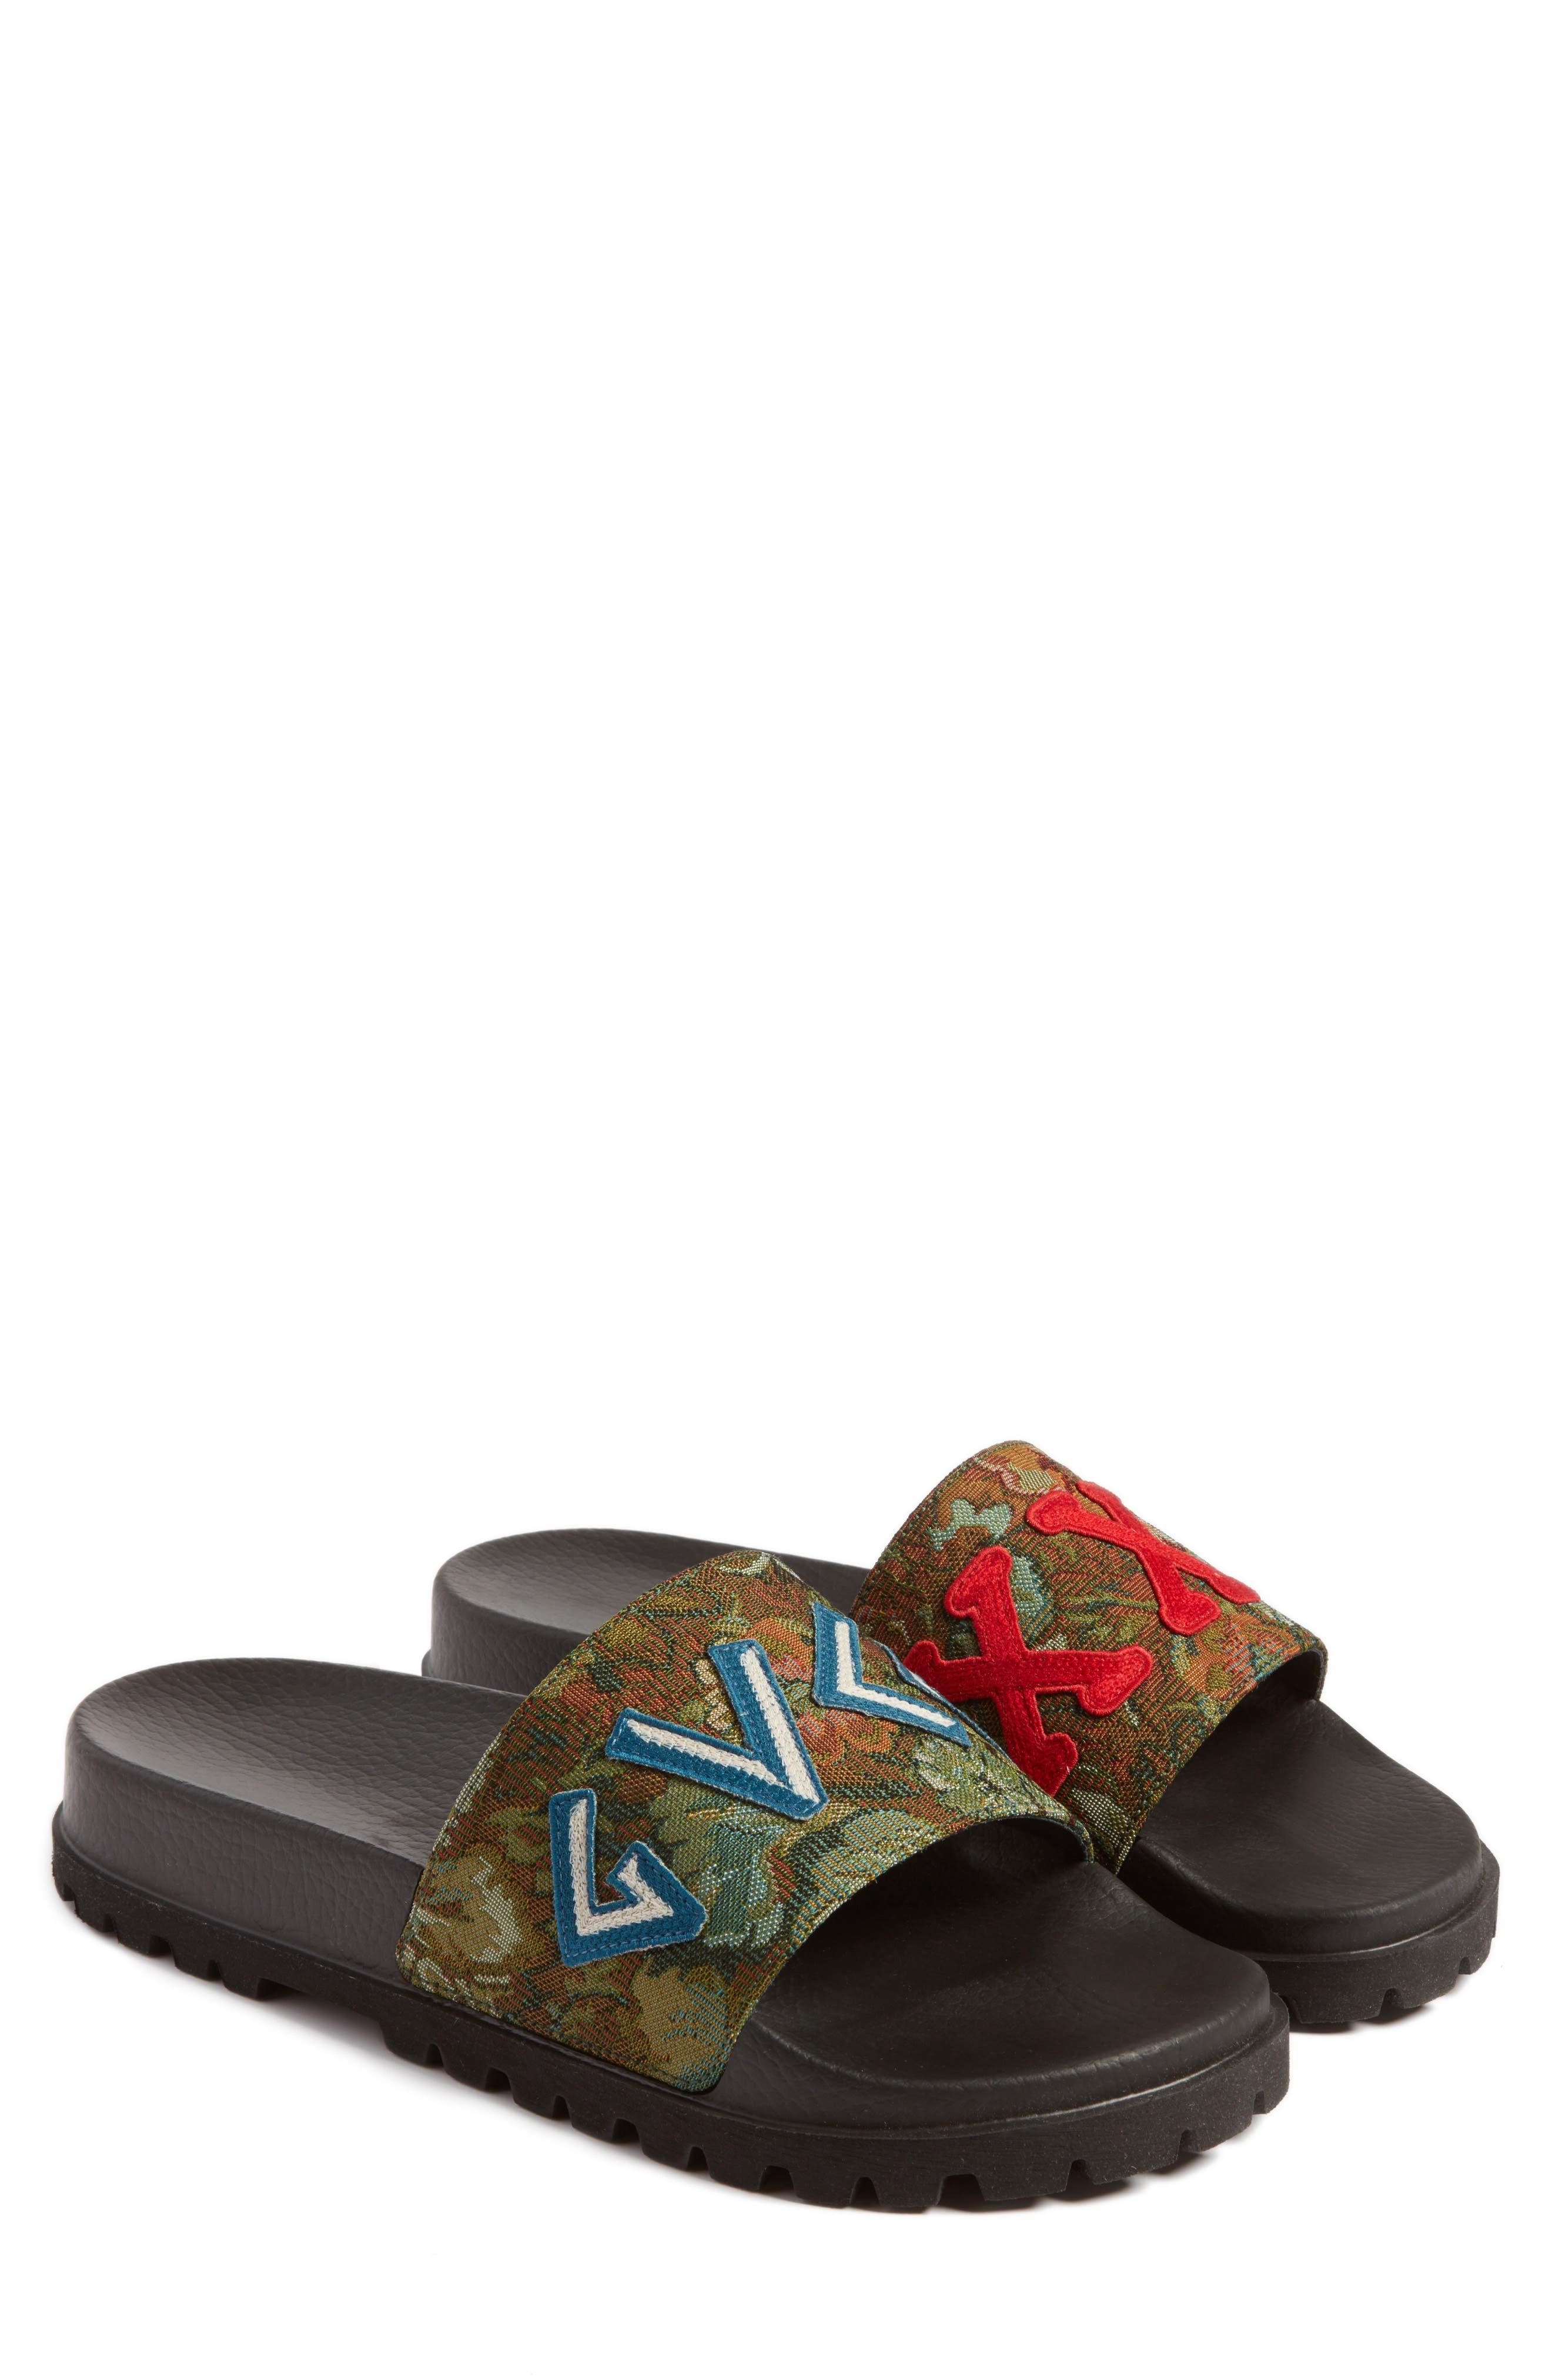 Black gucci sandals - Black Gucci Sandals 42